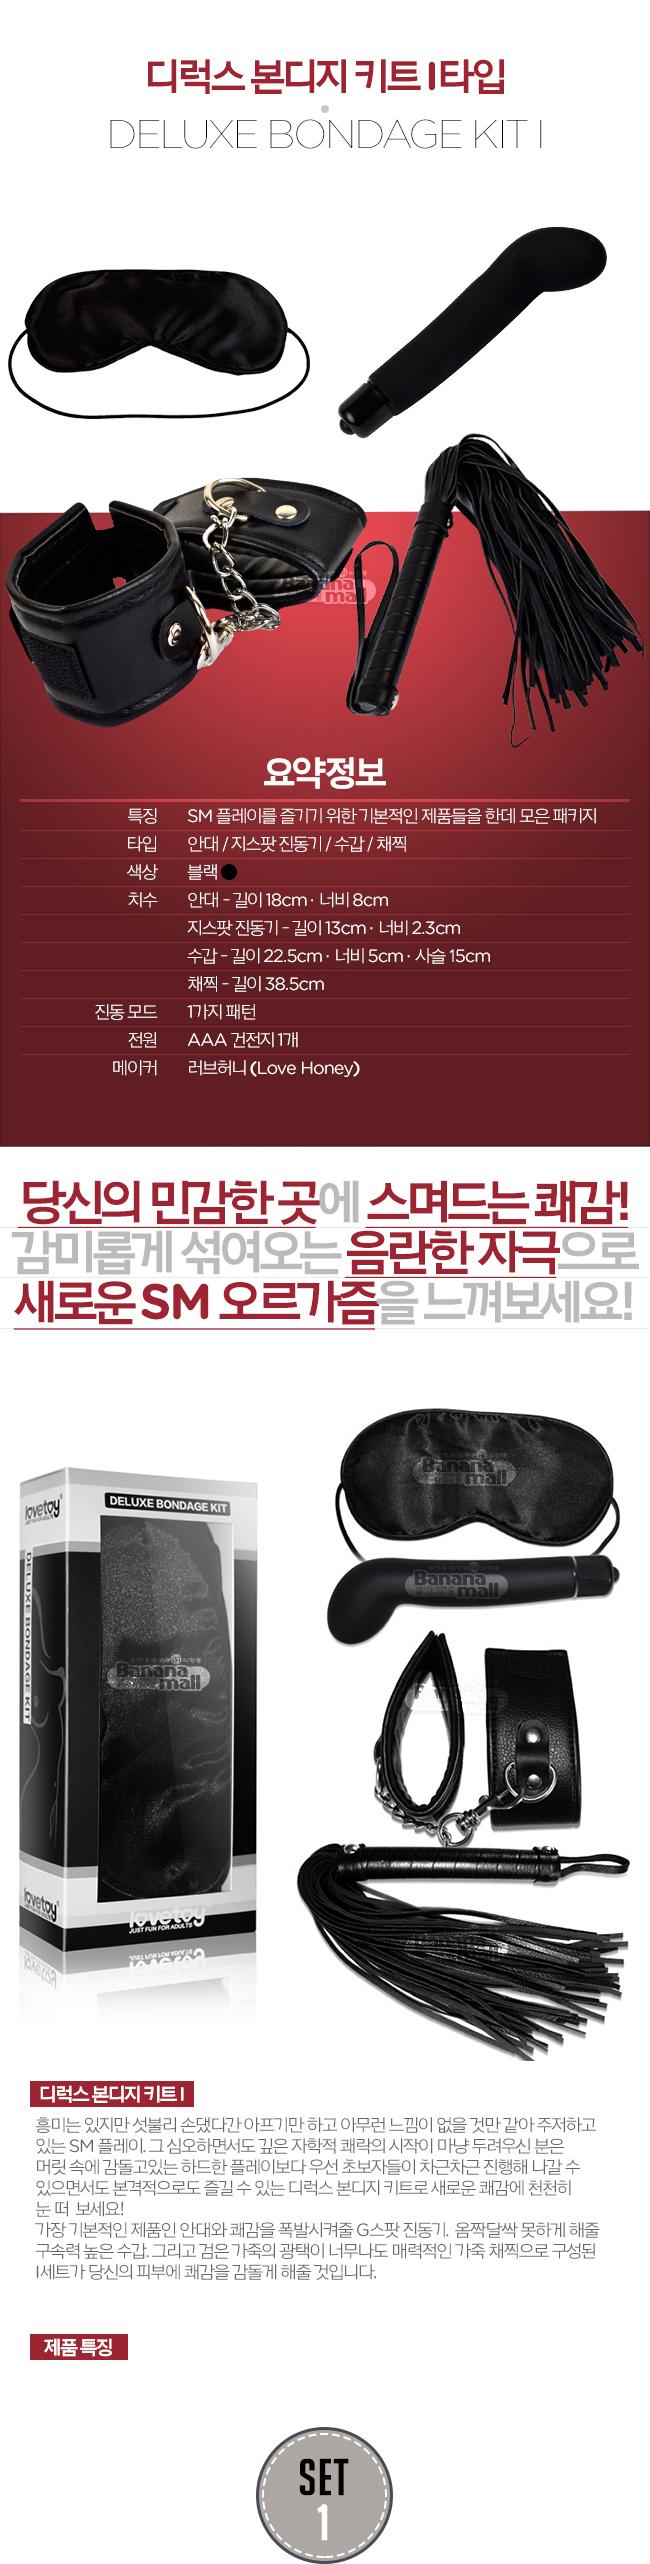 [본디지 세트] 디럭스 본디지 키트 I타입(Lovetoy Deluxe Bondage Kit I) - 러브토이(SM1009)